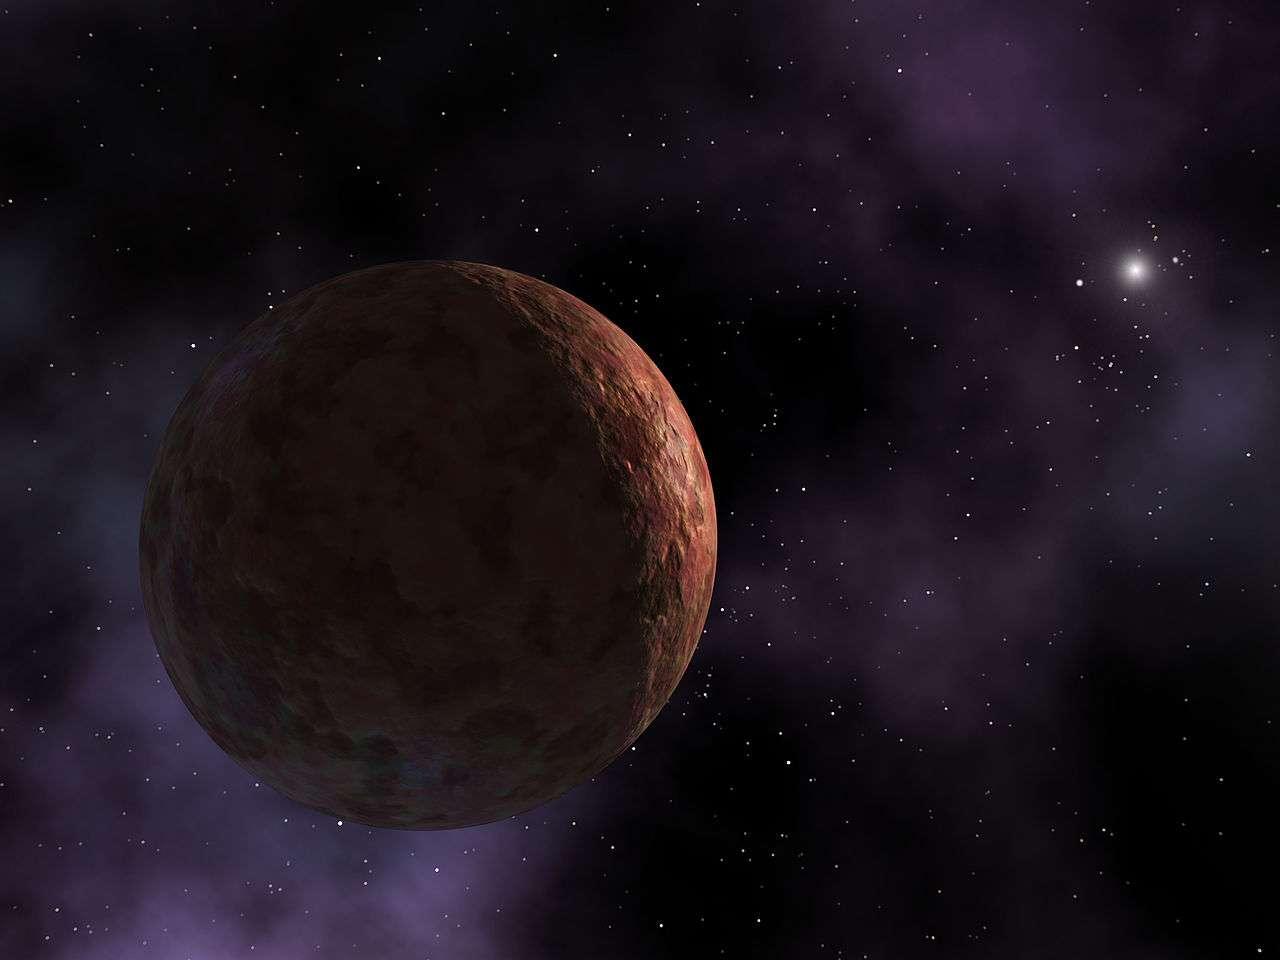 Découverte en 2003, Sedna, qui pourrait prétendre au statut de planète naine, a une orbite extraordinaire, son ellipse l'amenant, en 12.000 ans pour un tour, près de la ceinture de Kuiper puis jusqu'à plus 900 Unités Astronomiques. Cette trajectoire pourrait être due à deux planètes massives circulant bien au-delà de Neptune et Pluton. © Nasa, R. Hurt